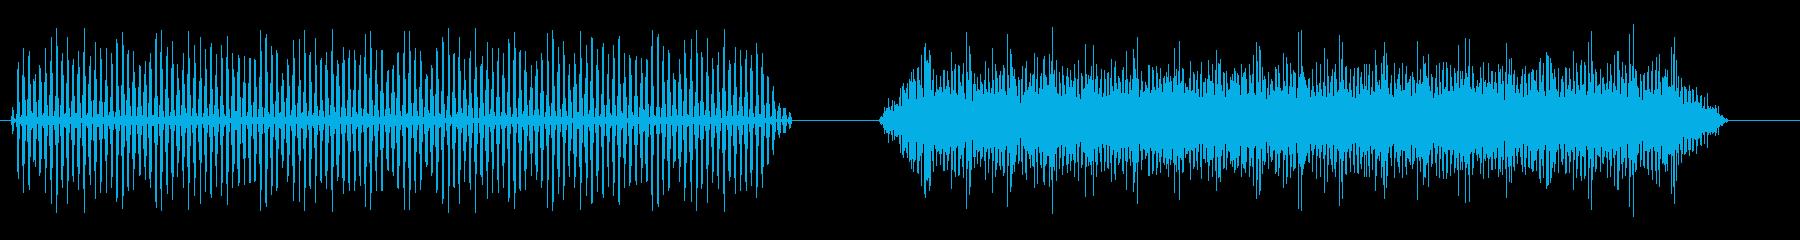 エネルギー場変調エネルギー場_低パ...の再生済みの波形